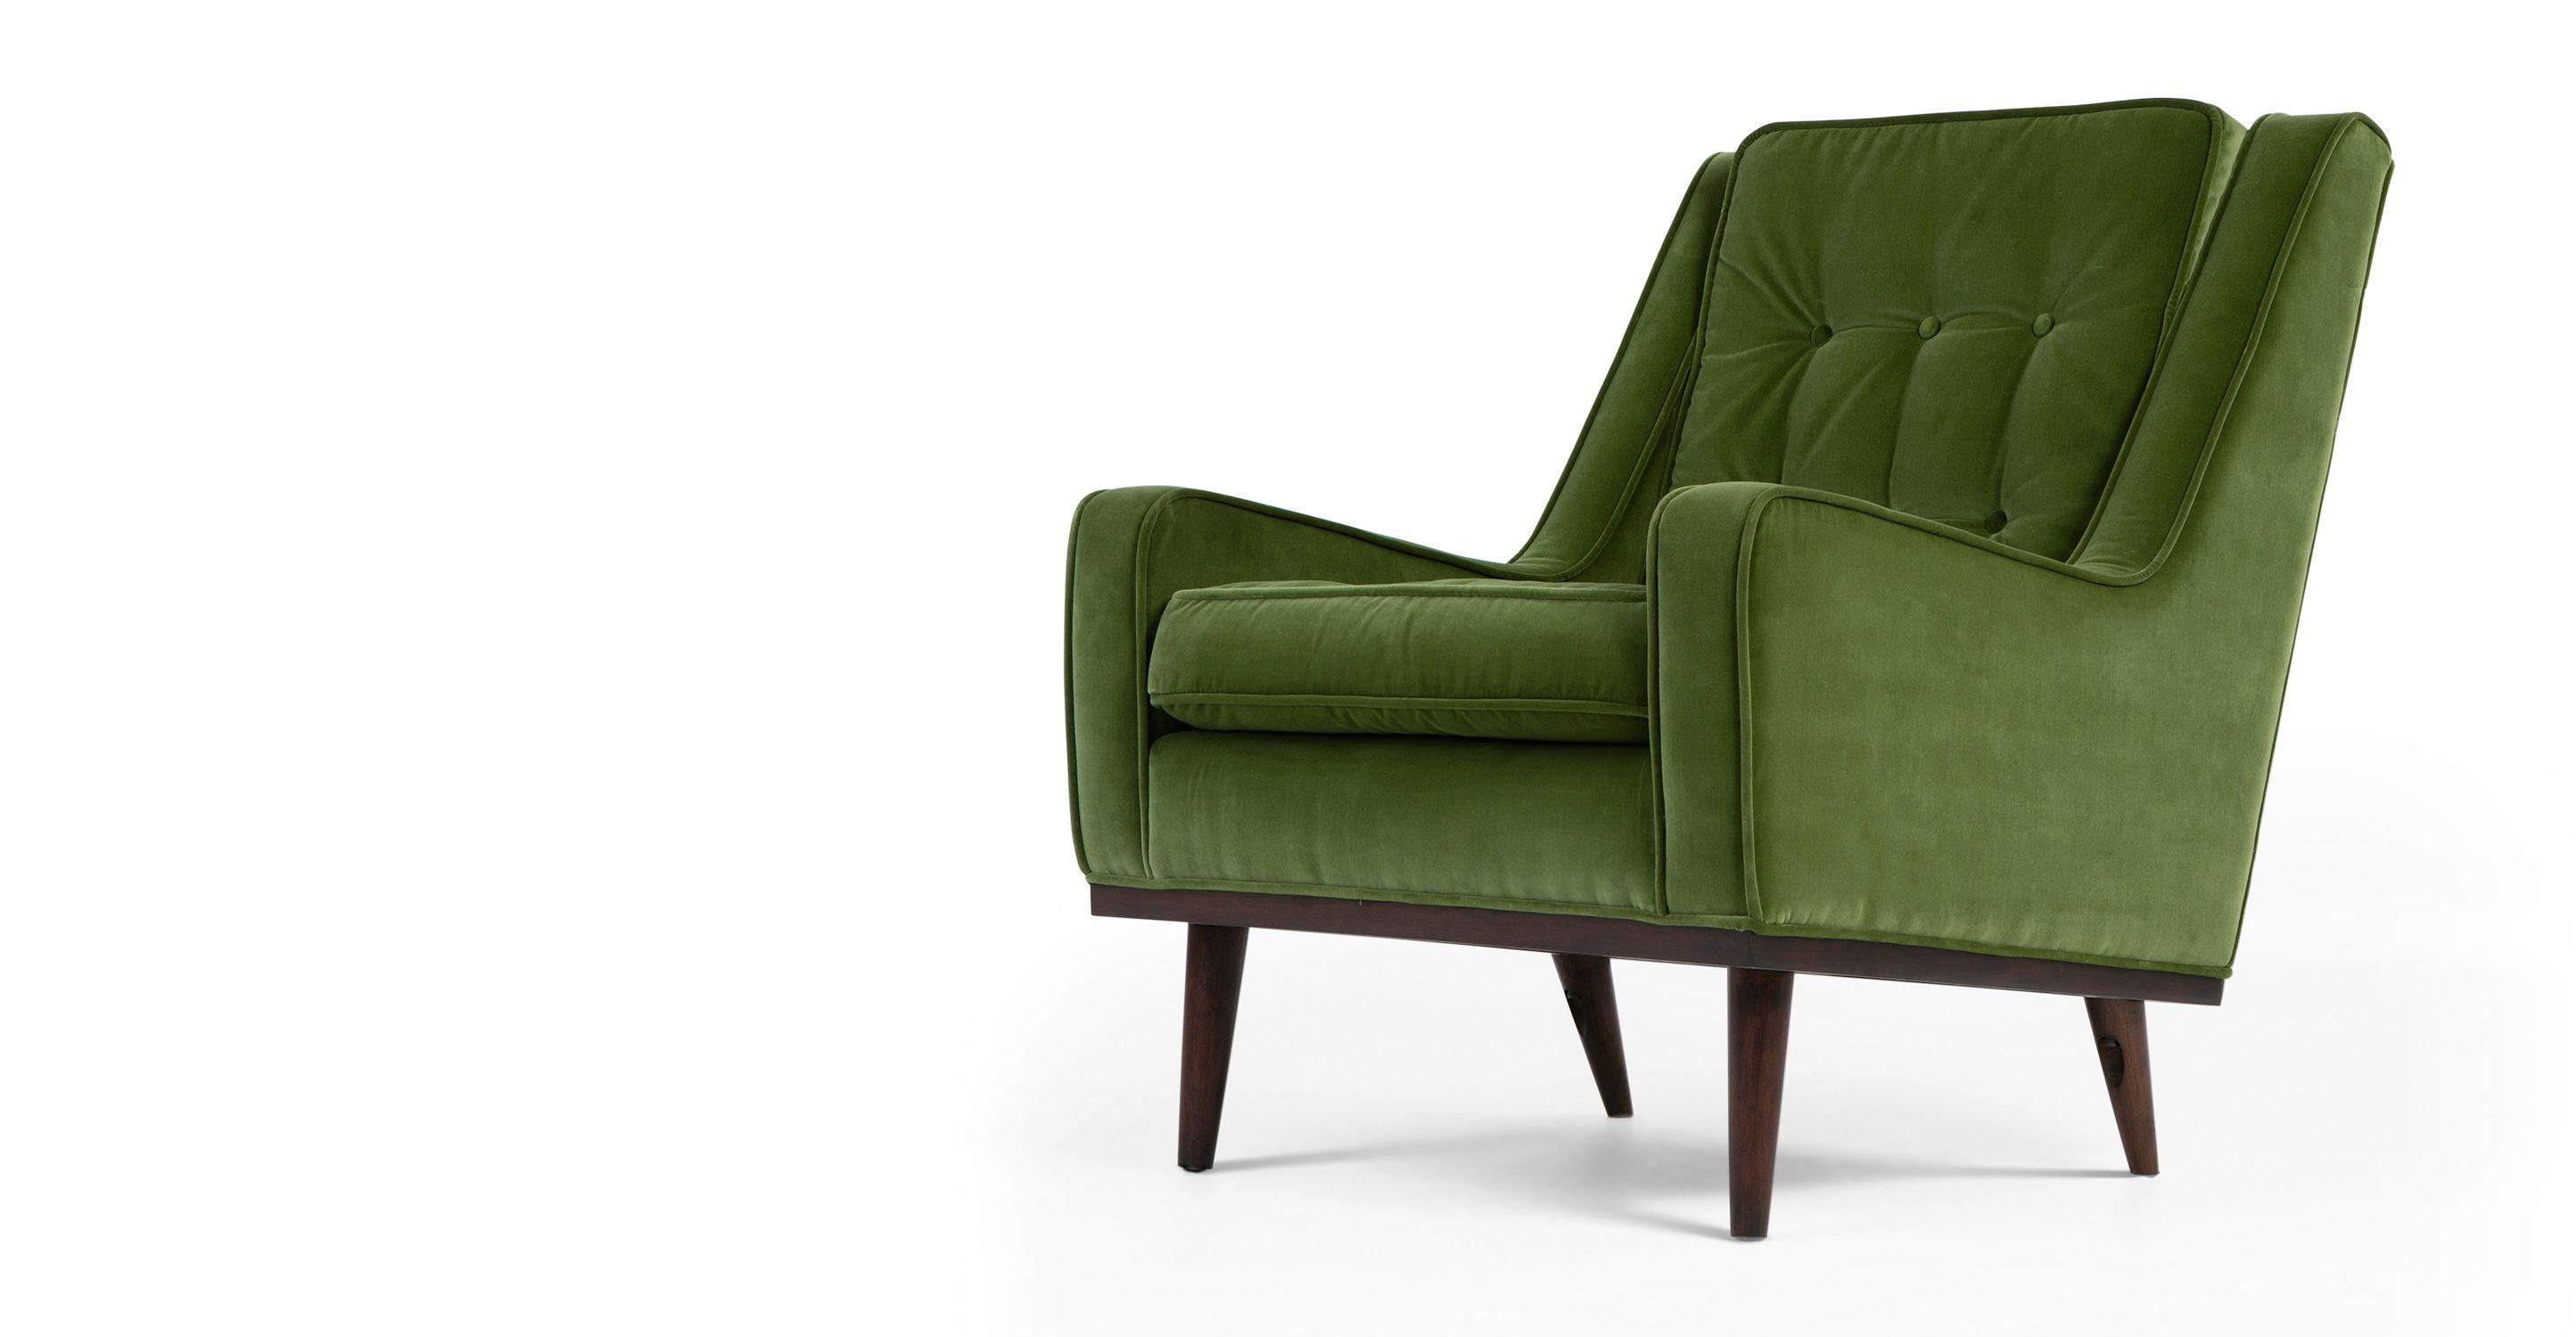 Scott Sessel Samt In Grasgrün Madecom Sessel Pinterest